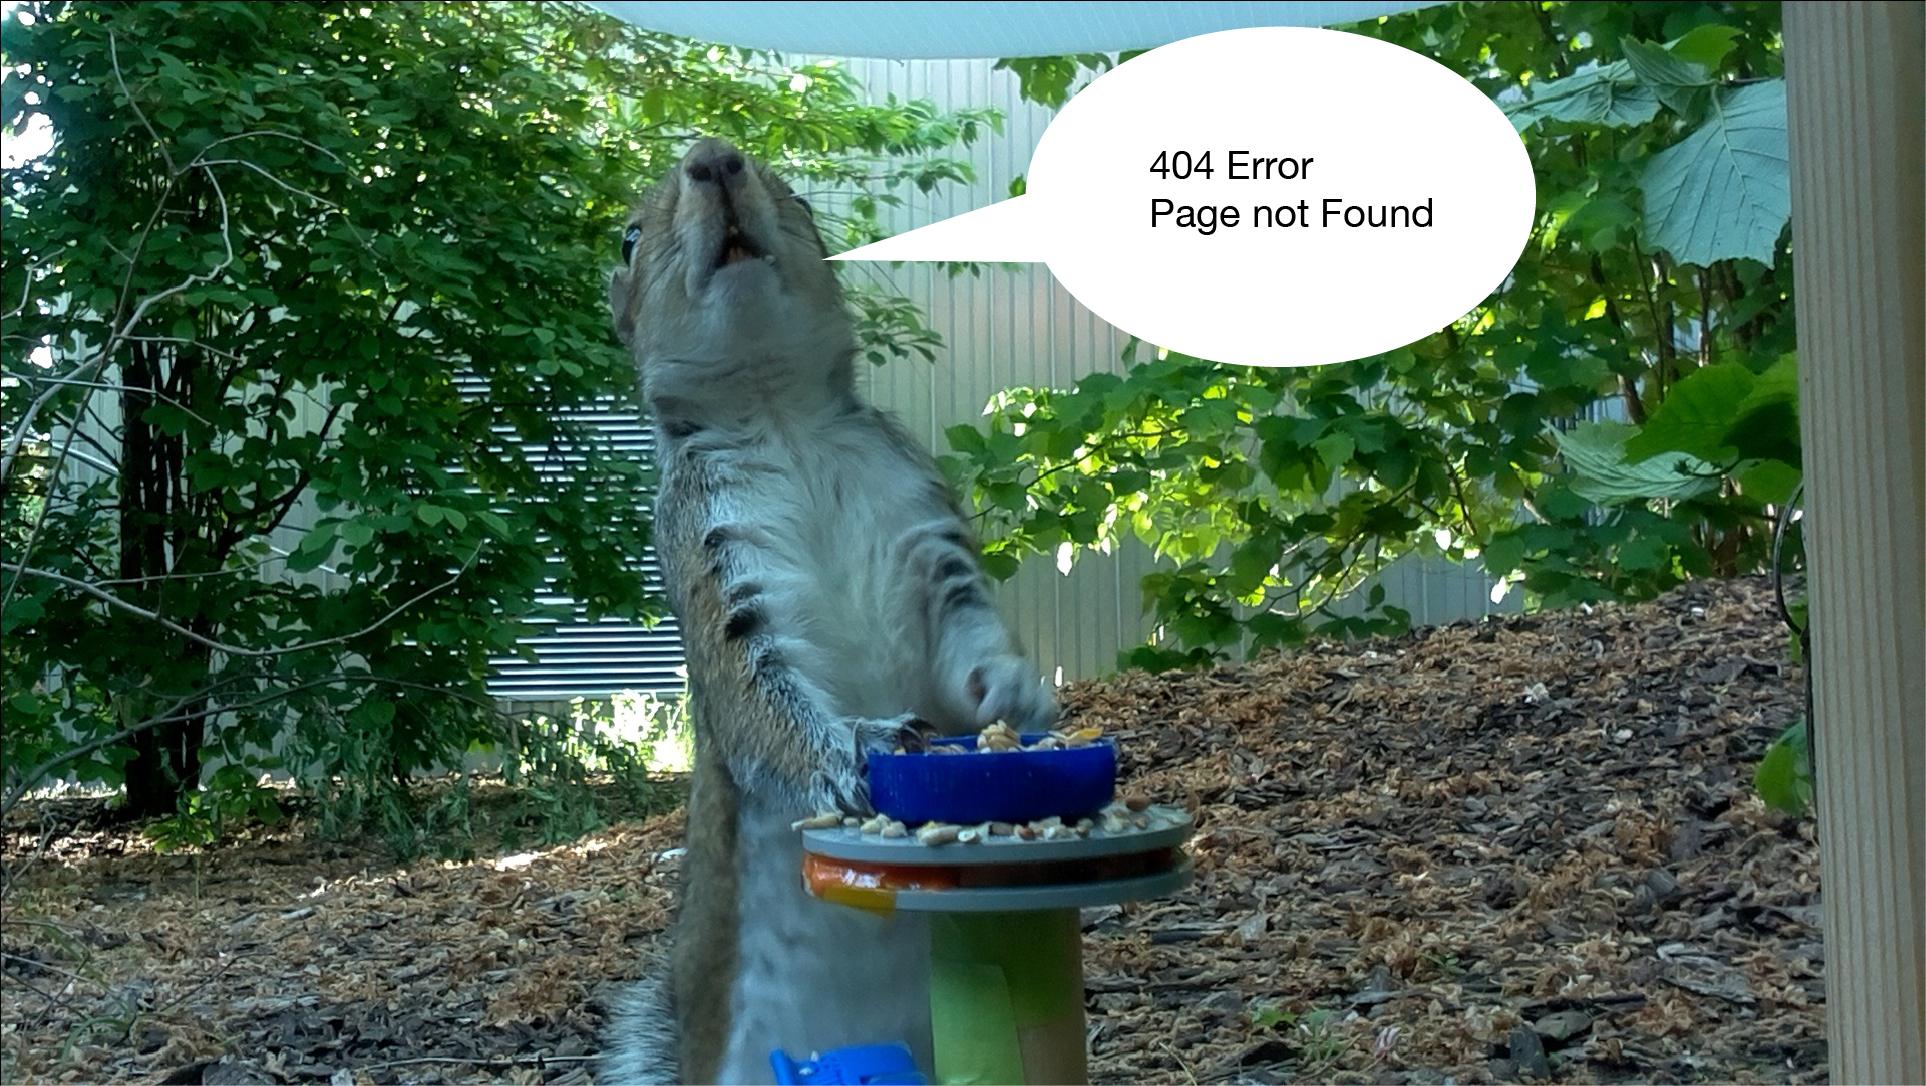 404Error_PageNotFound.jpg